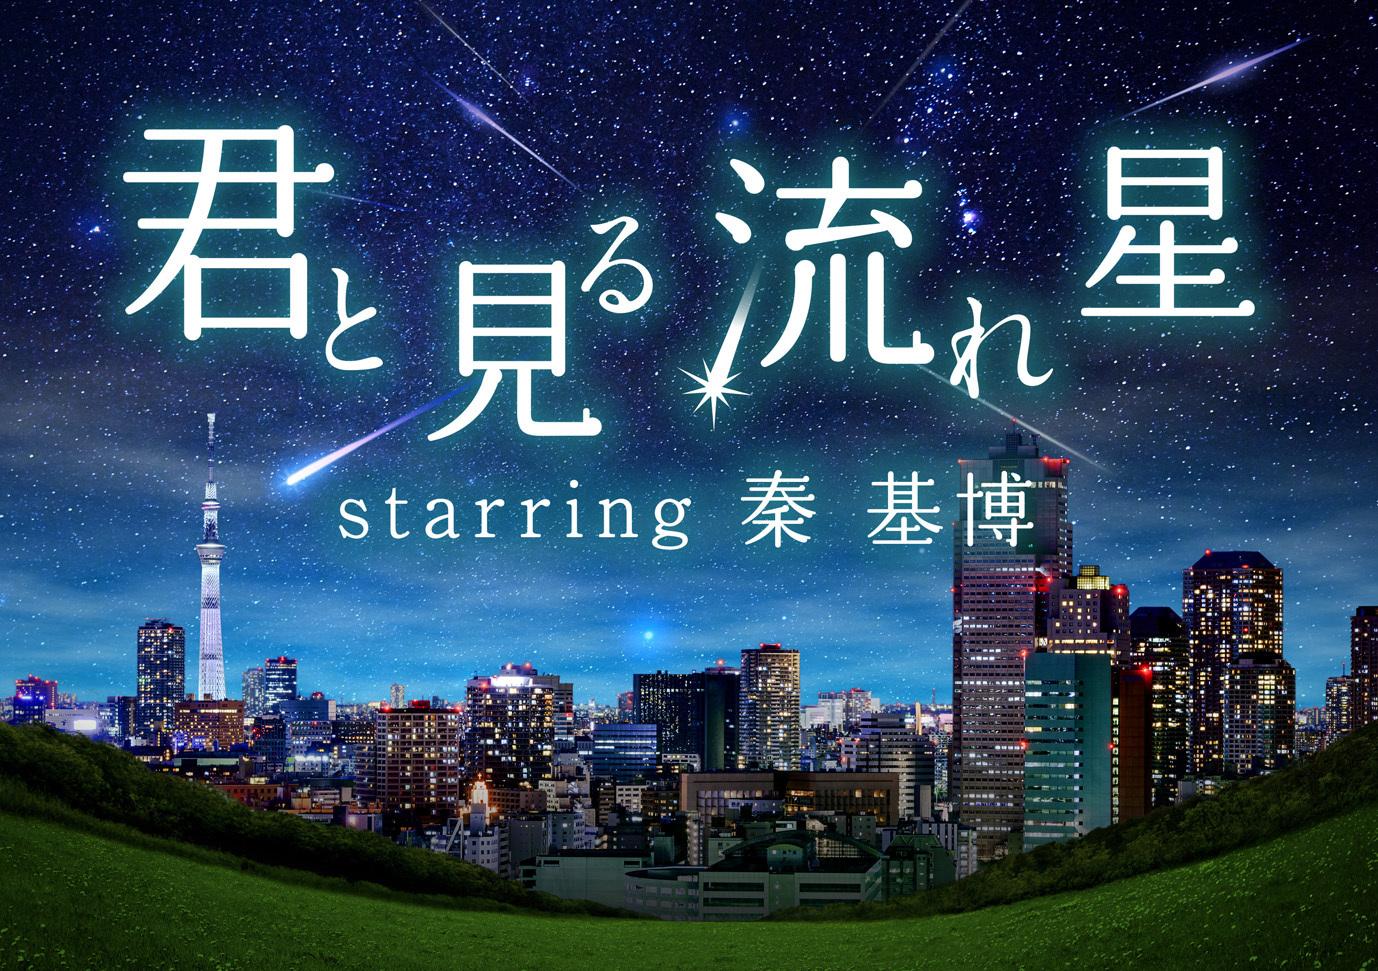 『君と見る流れ星 starring 秦 基博』